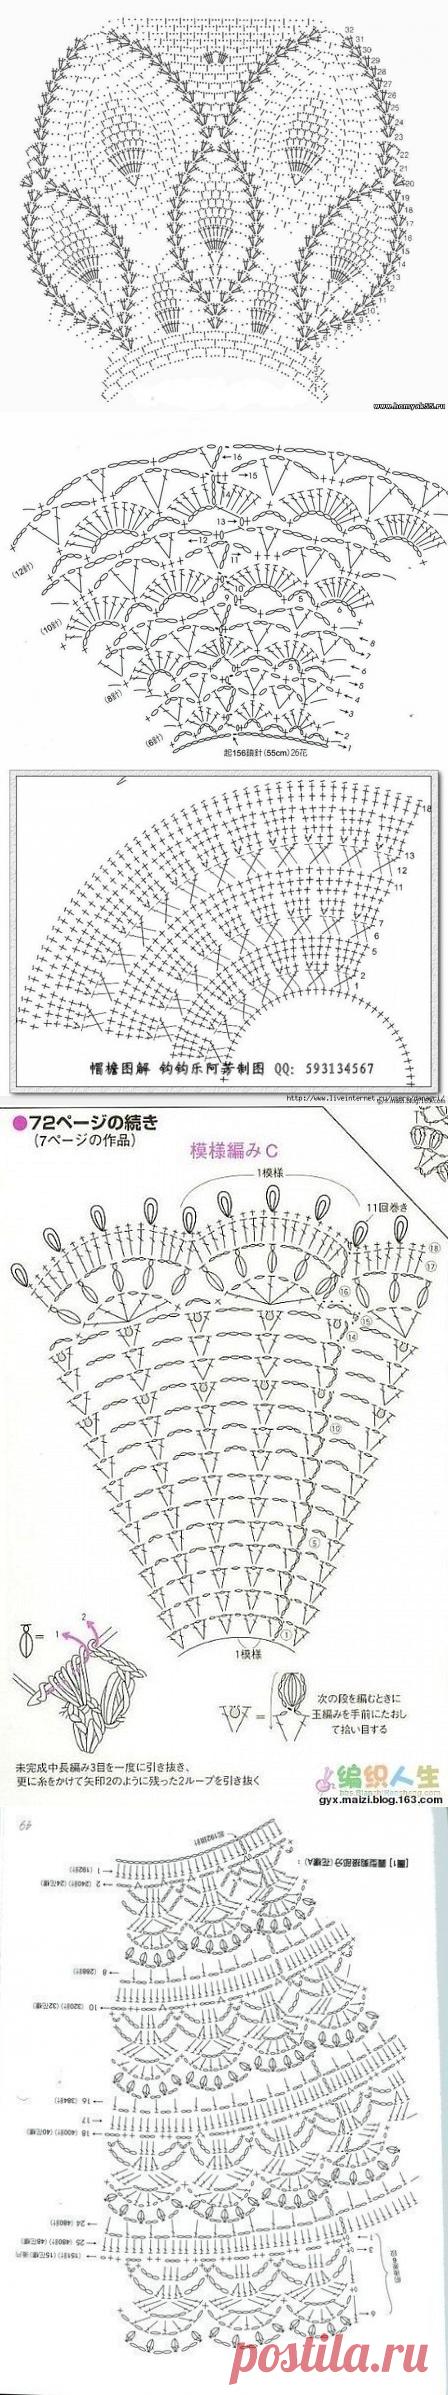 Круглые кокетки крючком — для детских и взрослых платьев и туник (Узоры крючком) | Журнал Вдохновение Рукодельницы